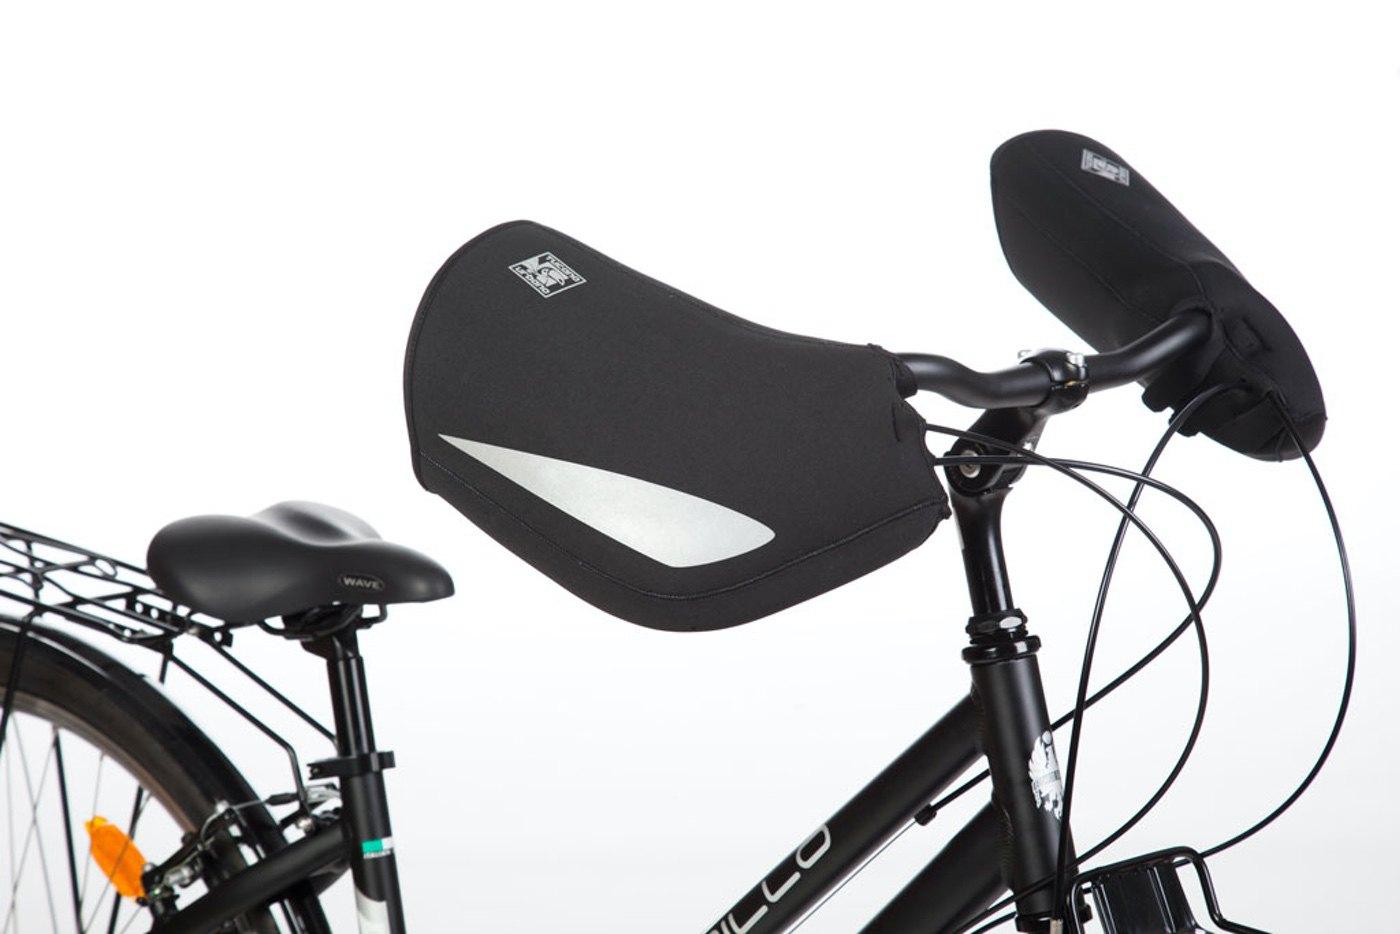 Cada bici con su manopla. Las cinco soluciones de Tucano Urbano